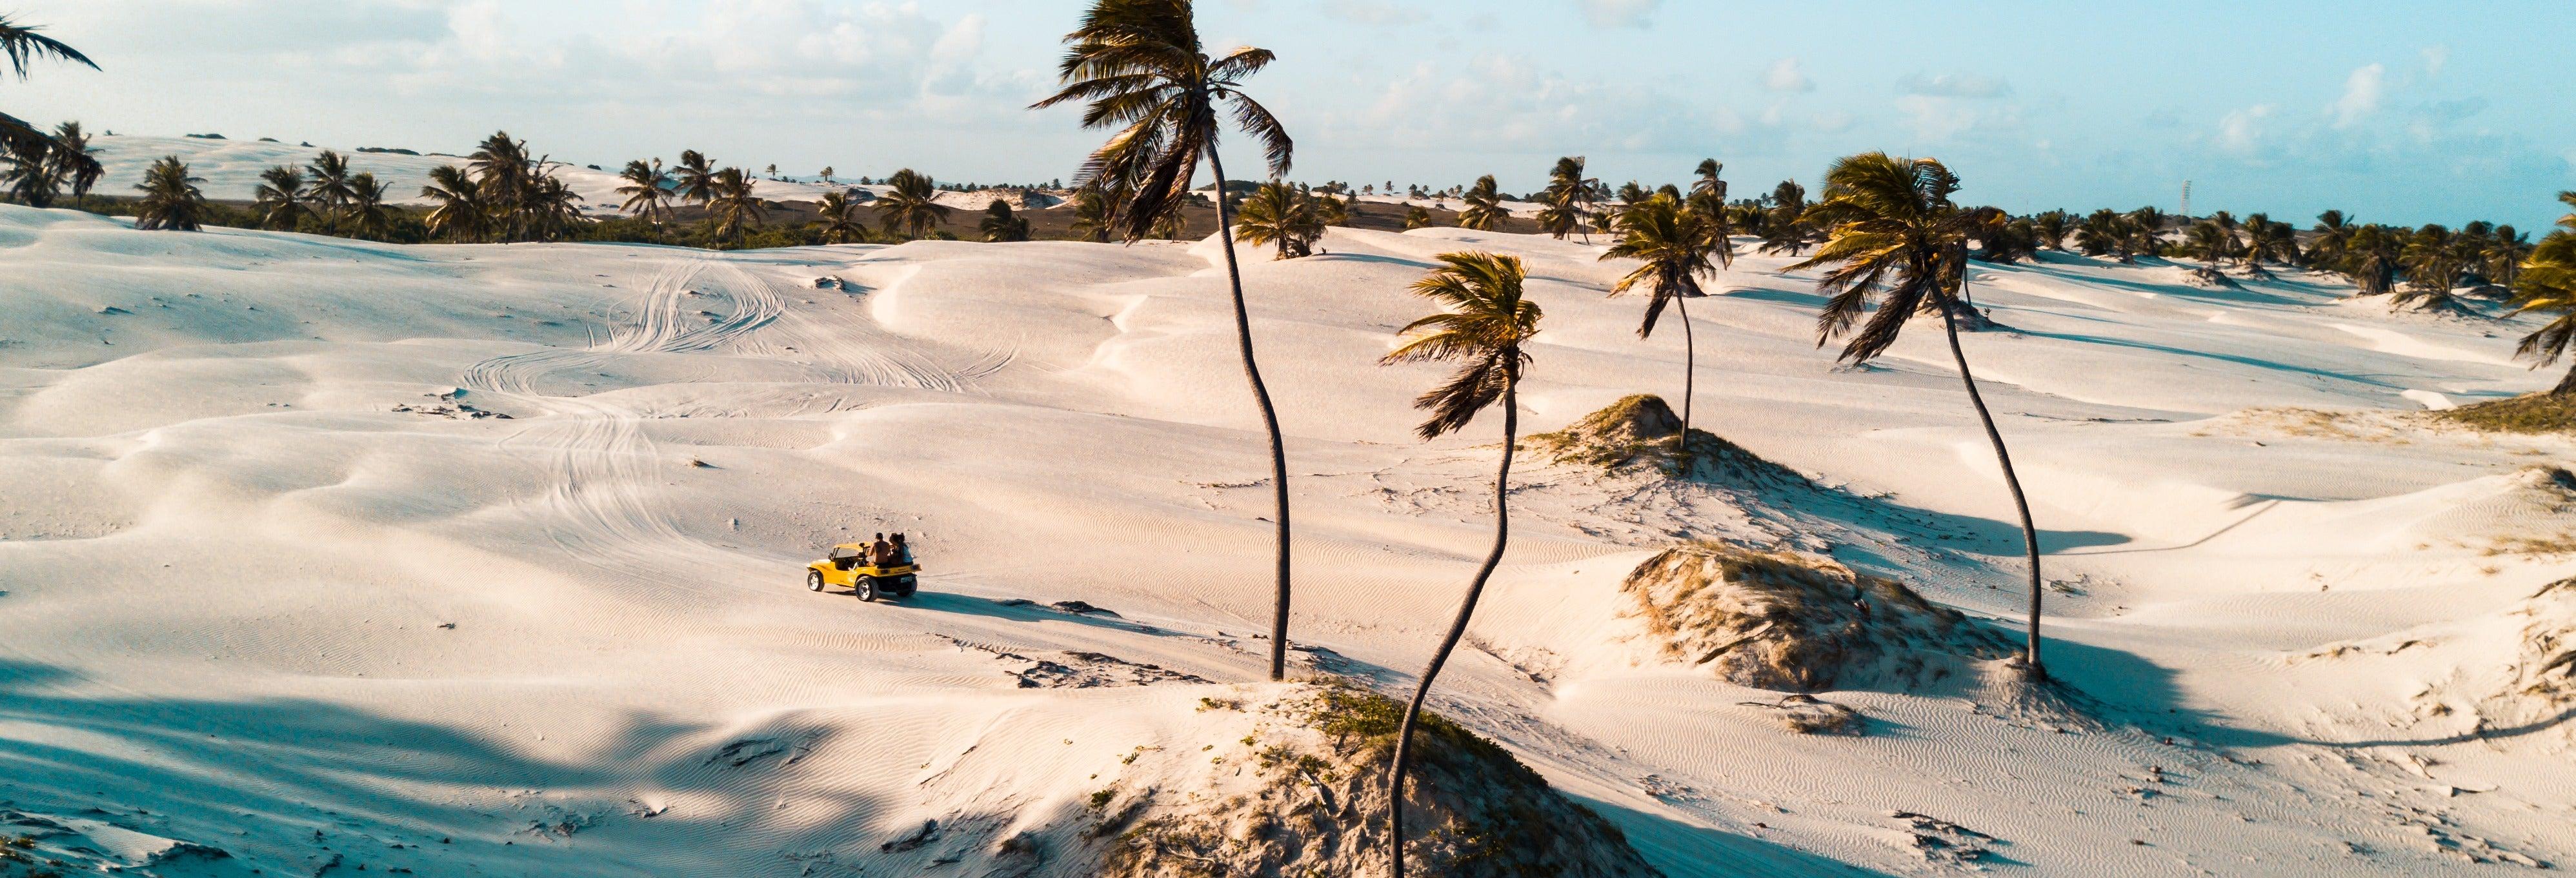 Tour del litorale ovest di Jericoacoara